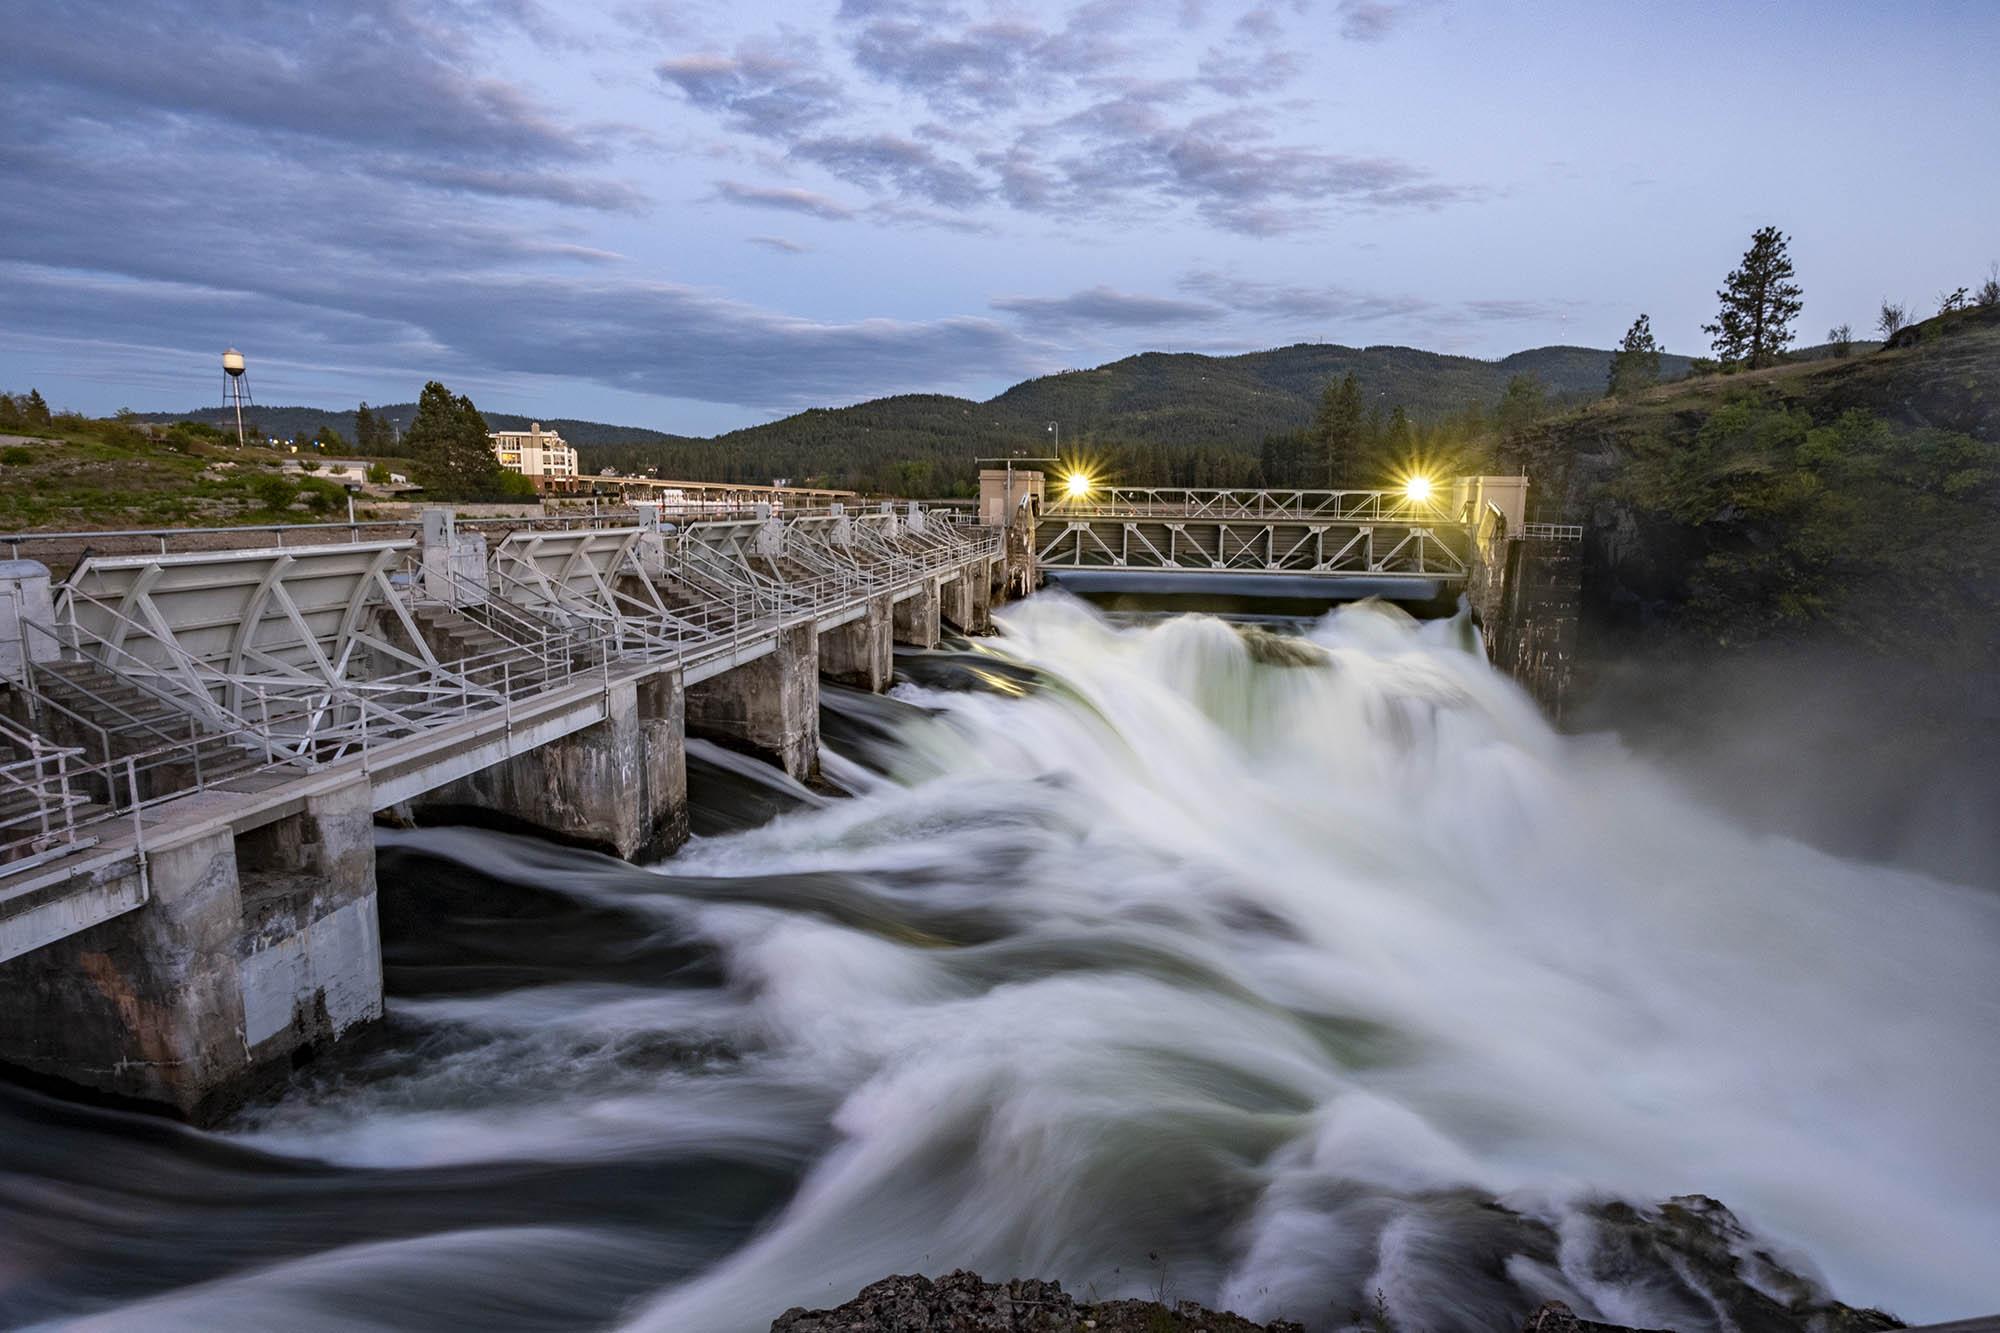 Waterfall tripod photo